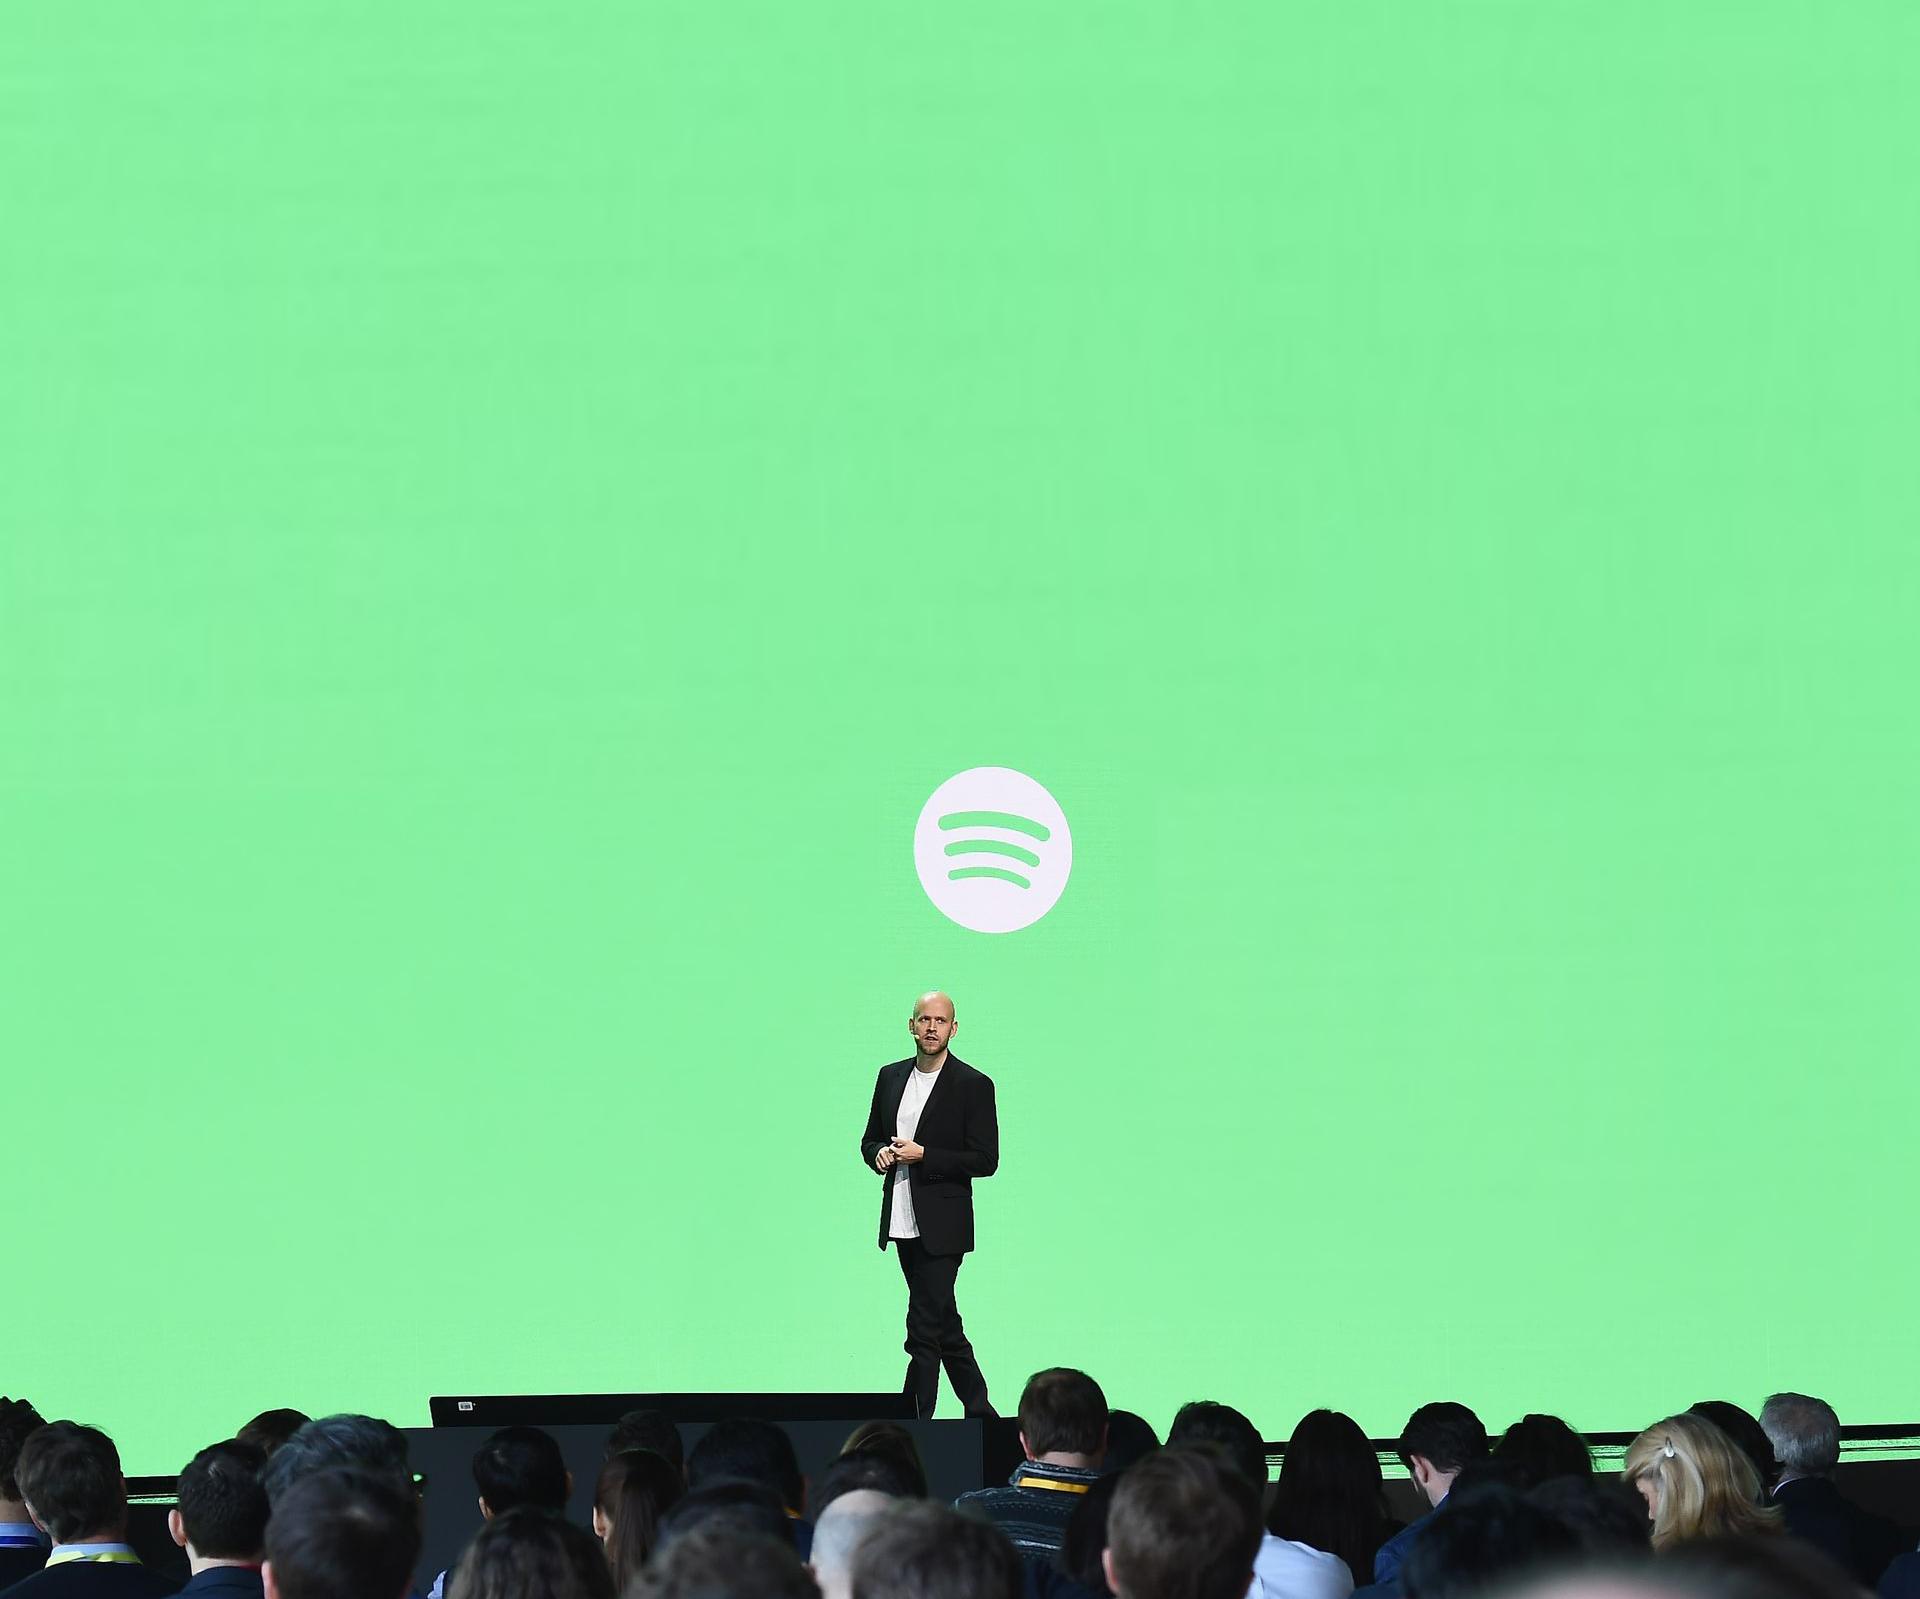 Spotify의 경쟁자, 라디오 - 애플 뮤직이나 판도라...